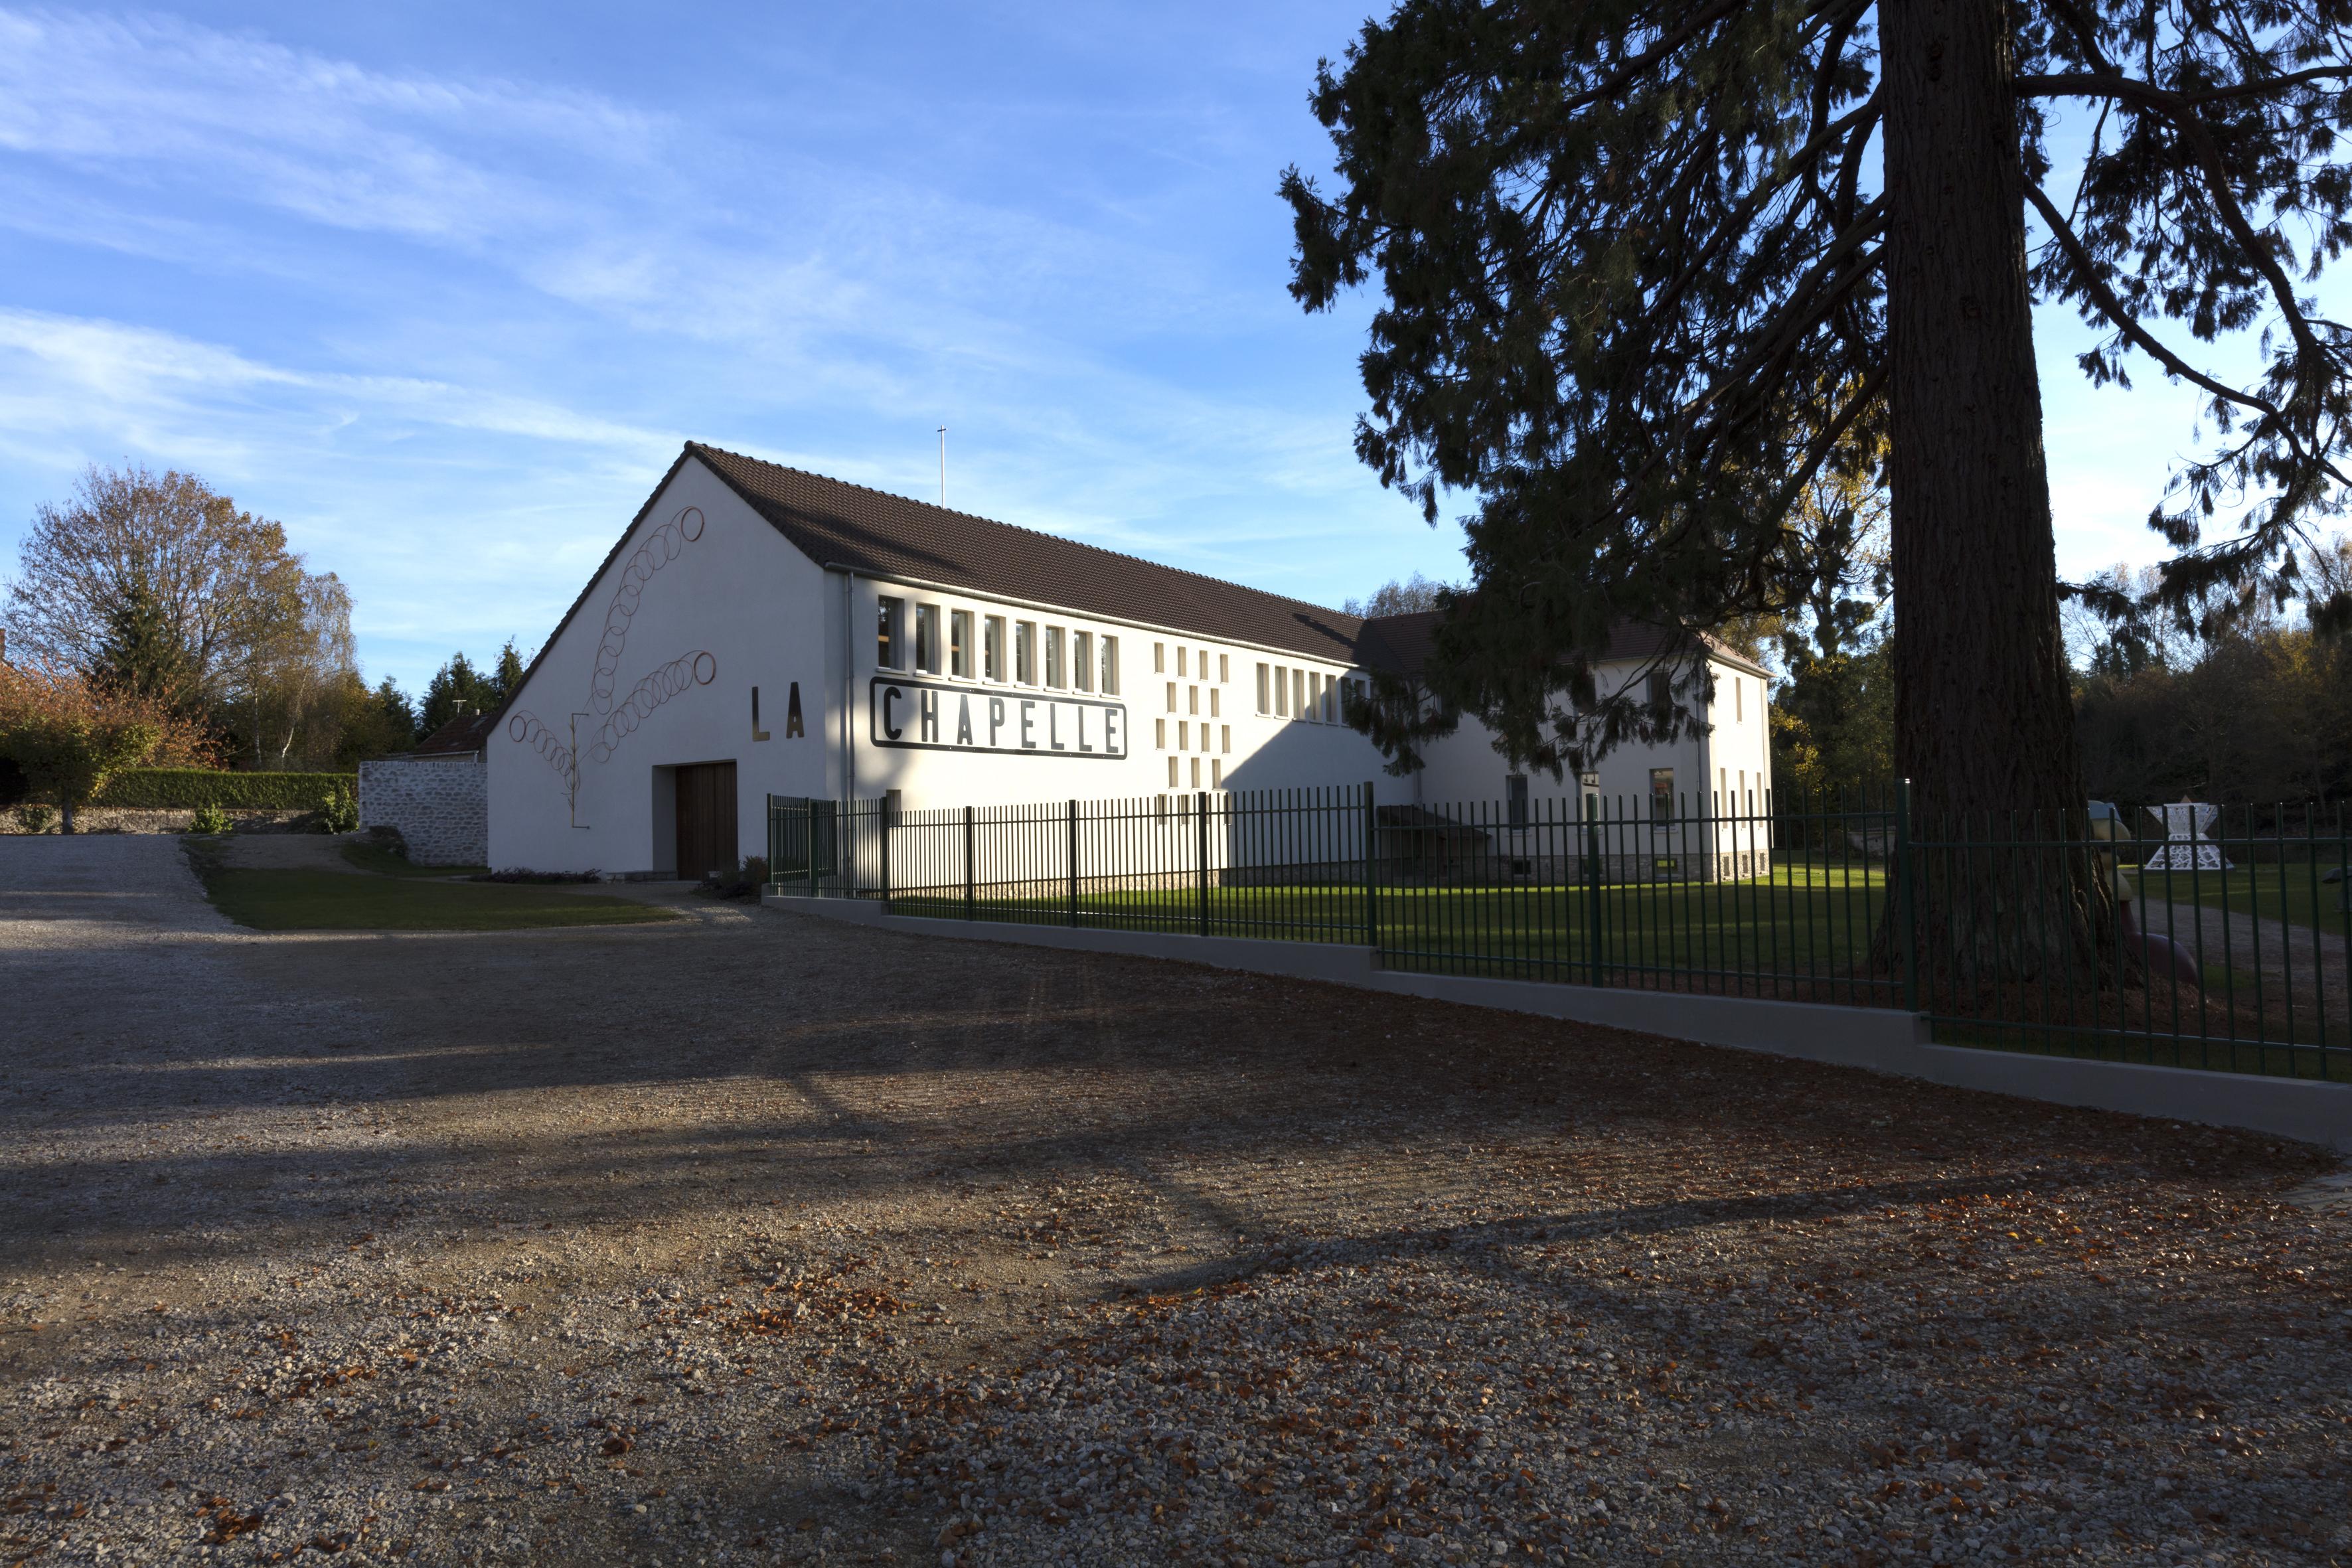 La Chapelle de Clairefontaine